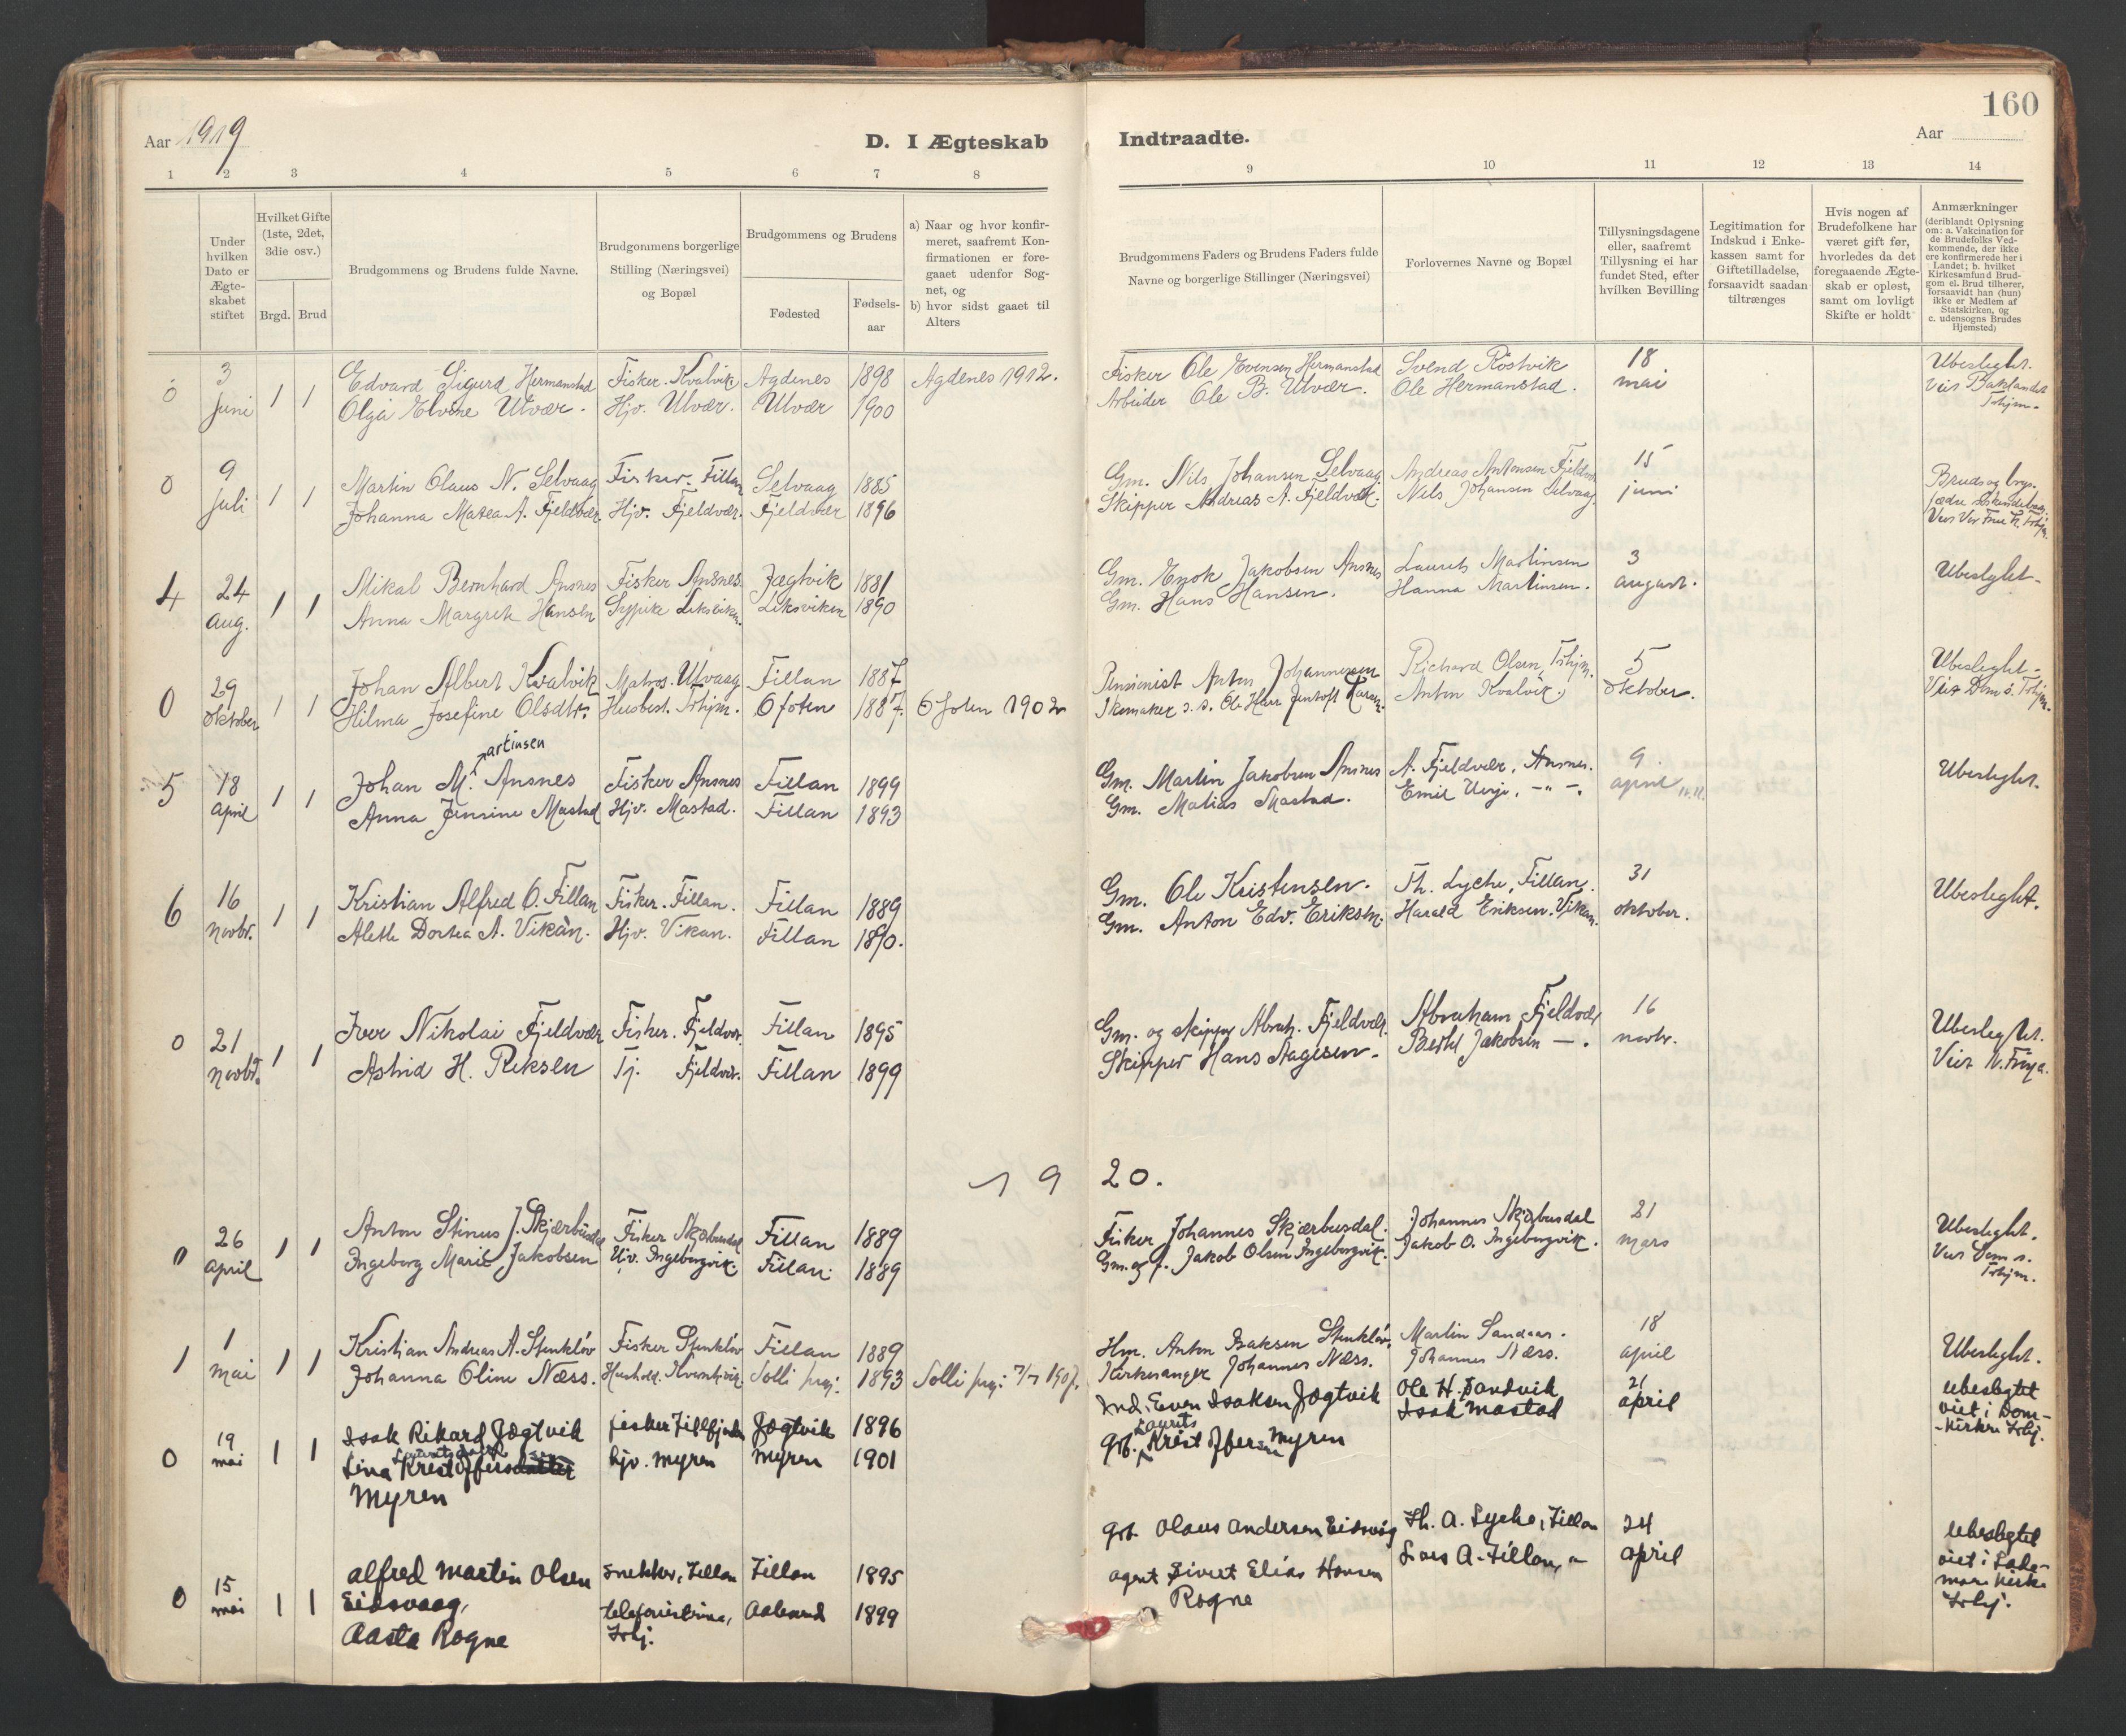 SAT, Ministerialprotokoller, klokkerbøker og fødselsregistre - Sør-Trøndelag, 637/L0559: Ministerialbok nr. 637A02, 1899-1923, s. 160